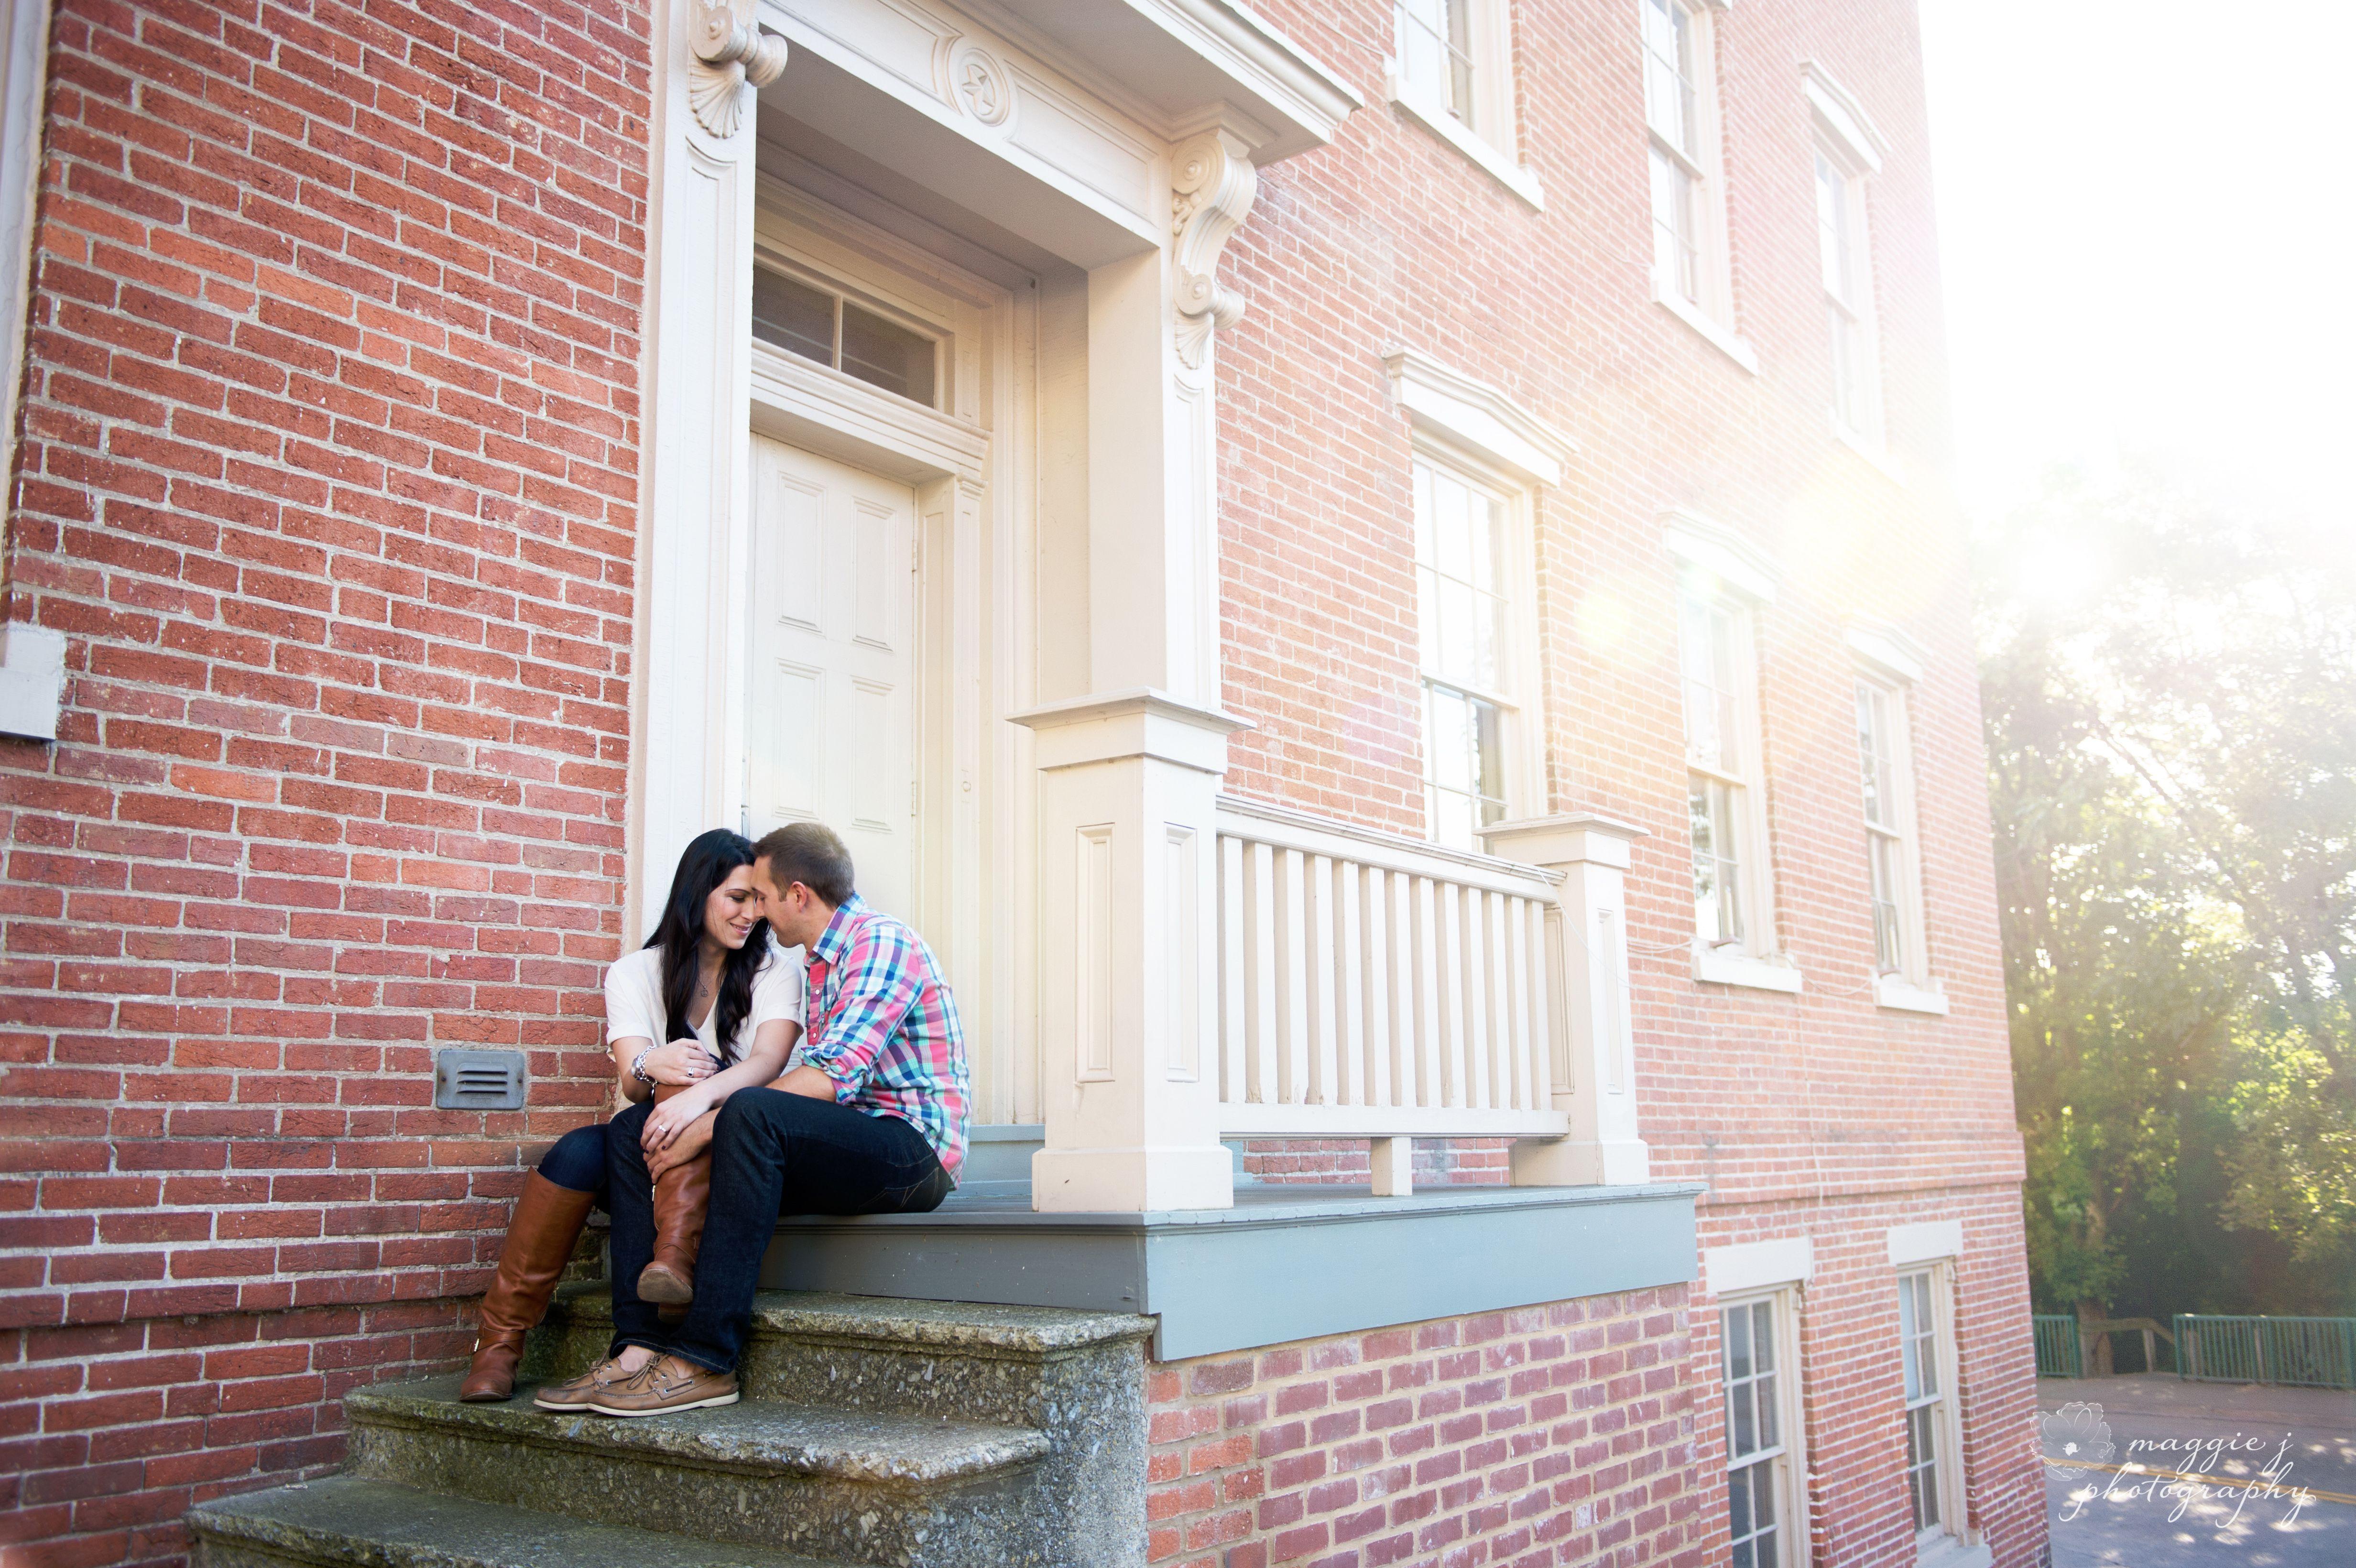 #engagementsession  #historichotelbethlehem